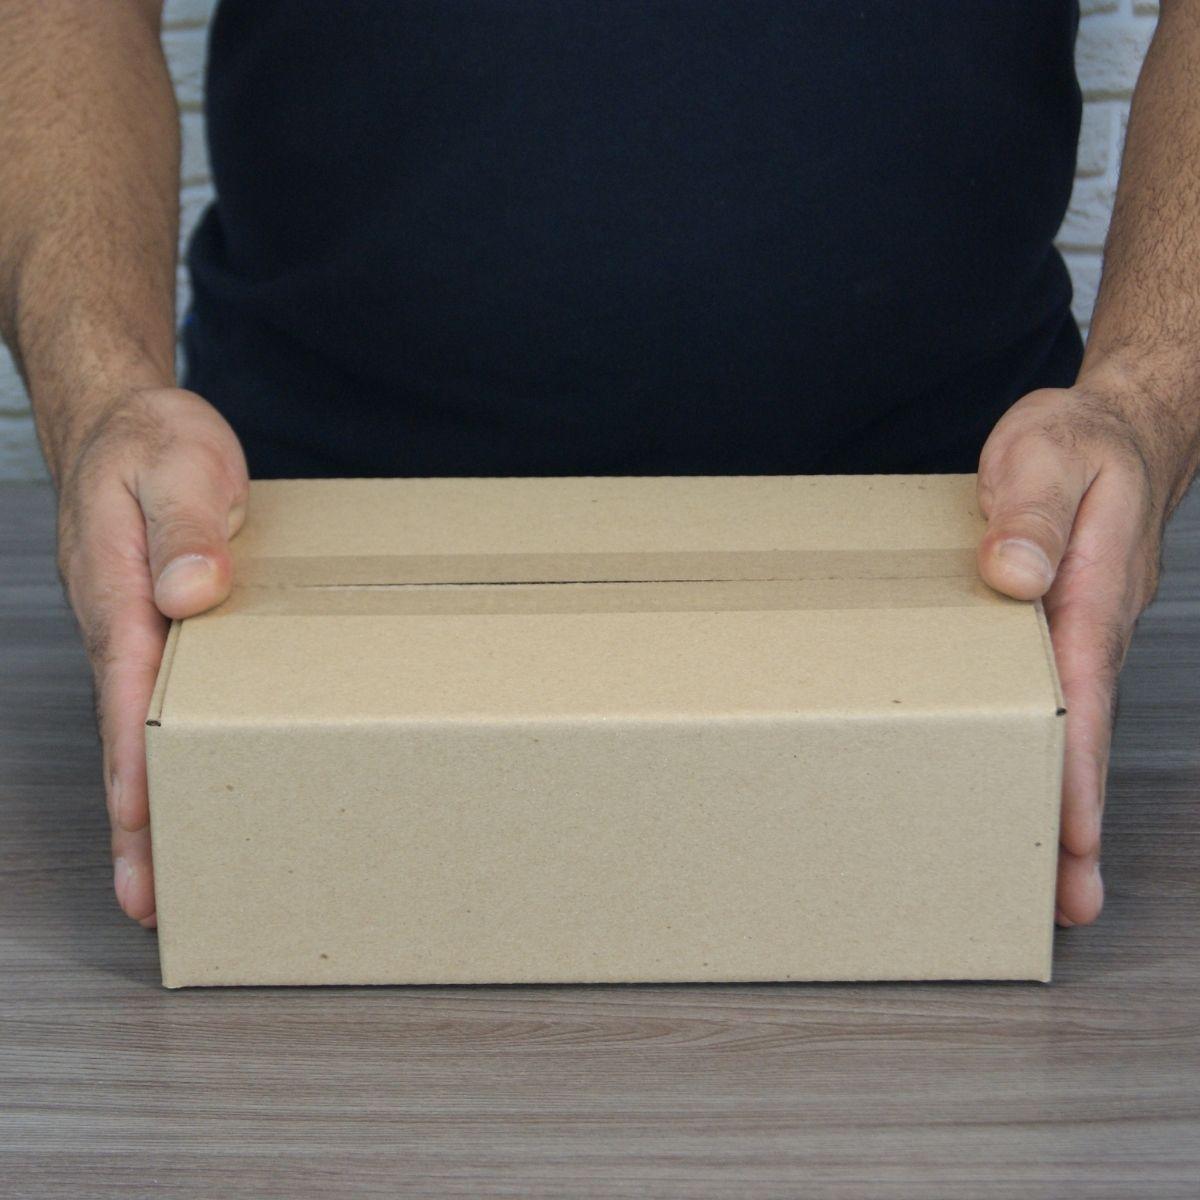 300 Caixas de Papelao (27X18X9)cm - Sedex / Pac / Correios